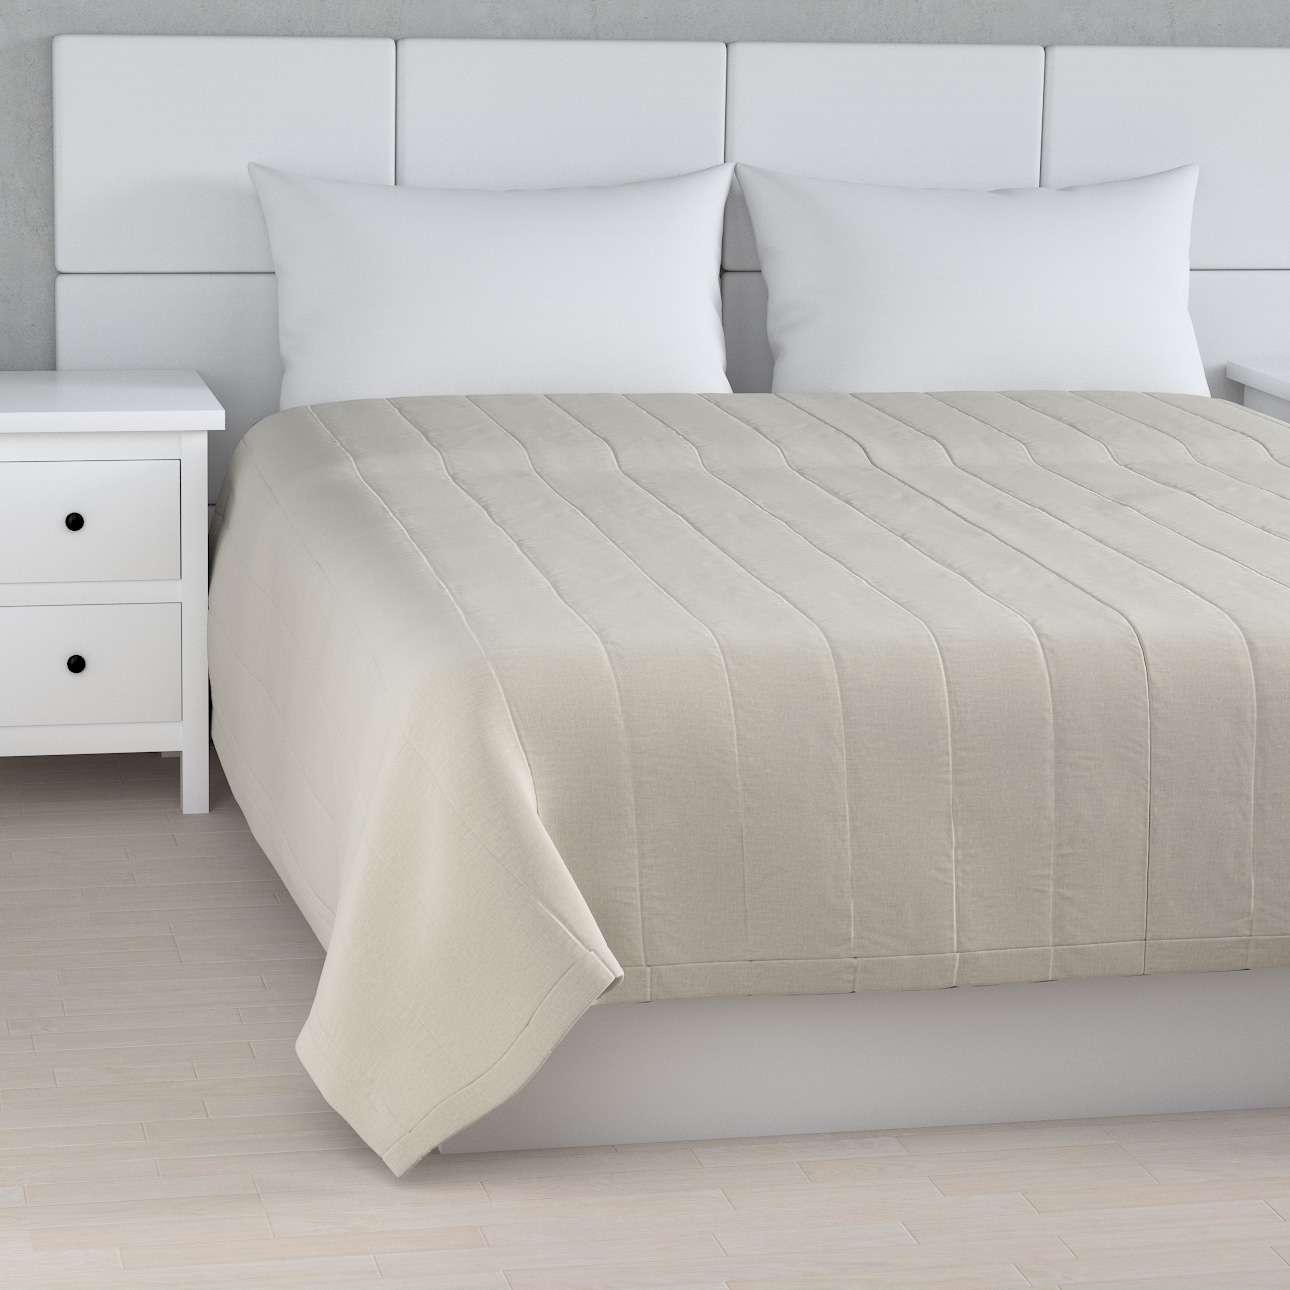 Basic steppelt takaró a kollekcióból Ingrid, Dekoranyag: 705-40